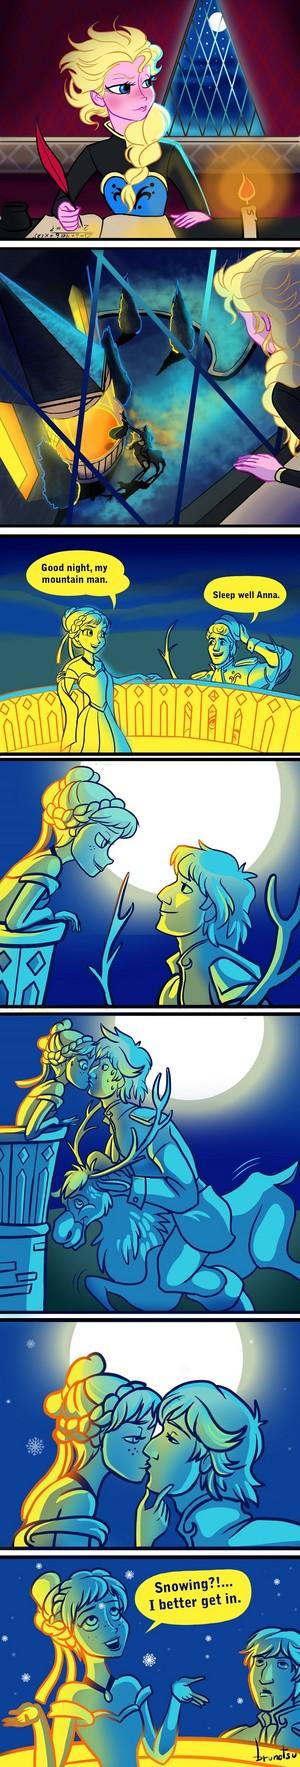 A La Reine des Neiges Story